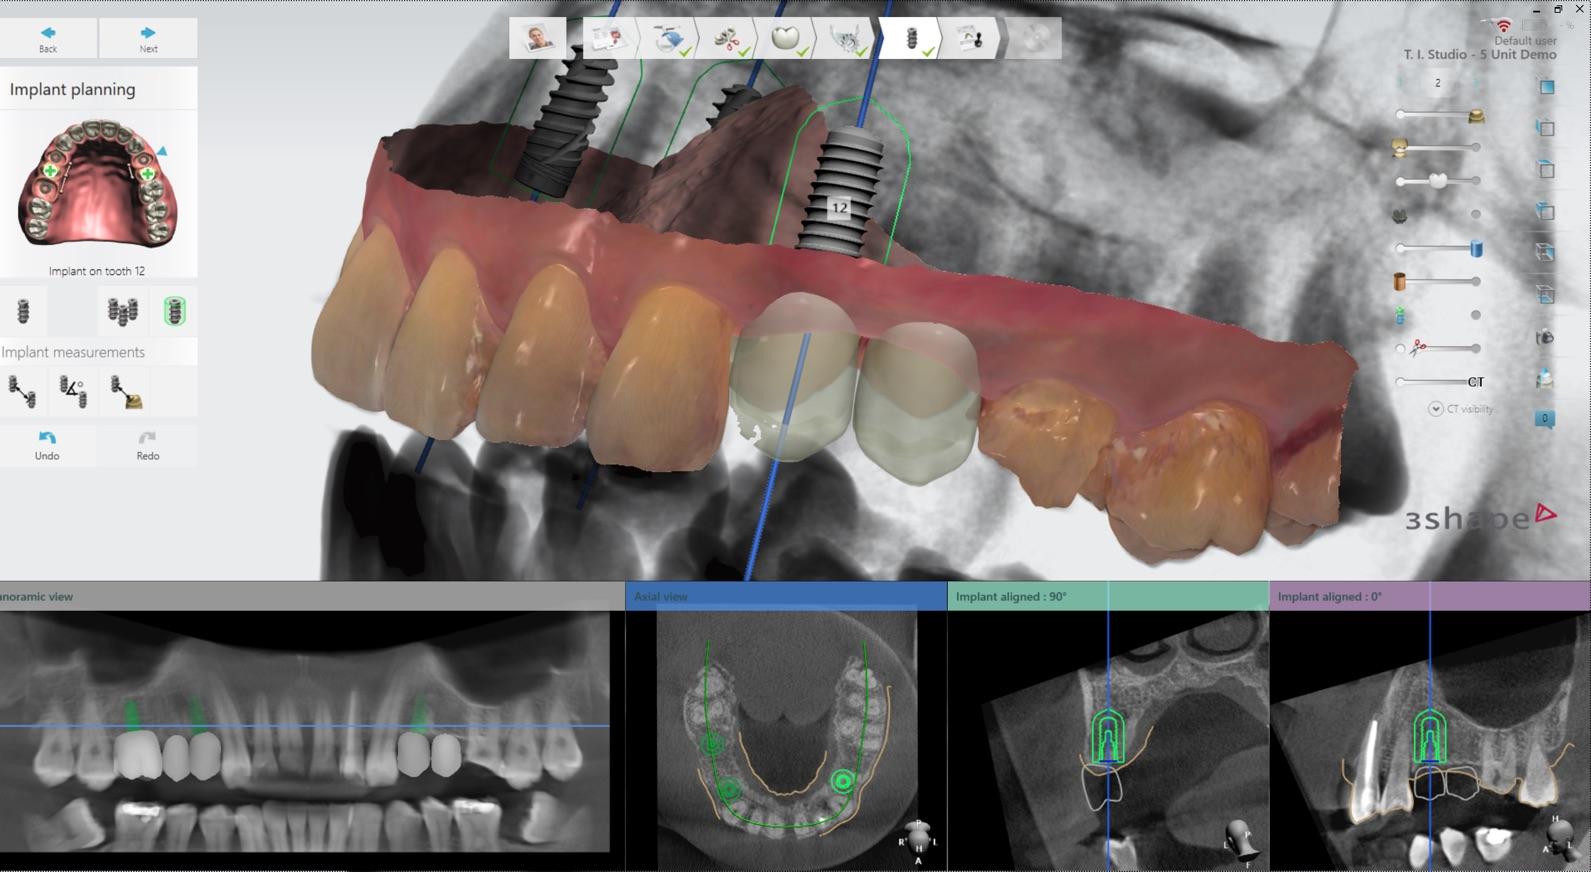 nawigacja w implantologii